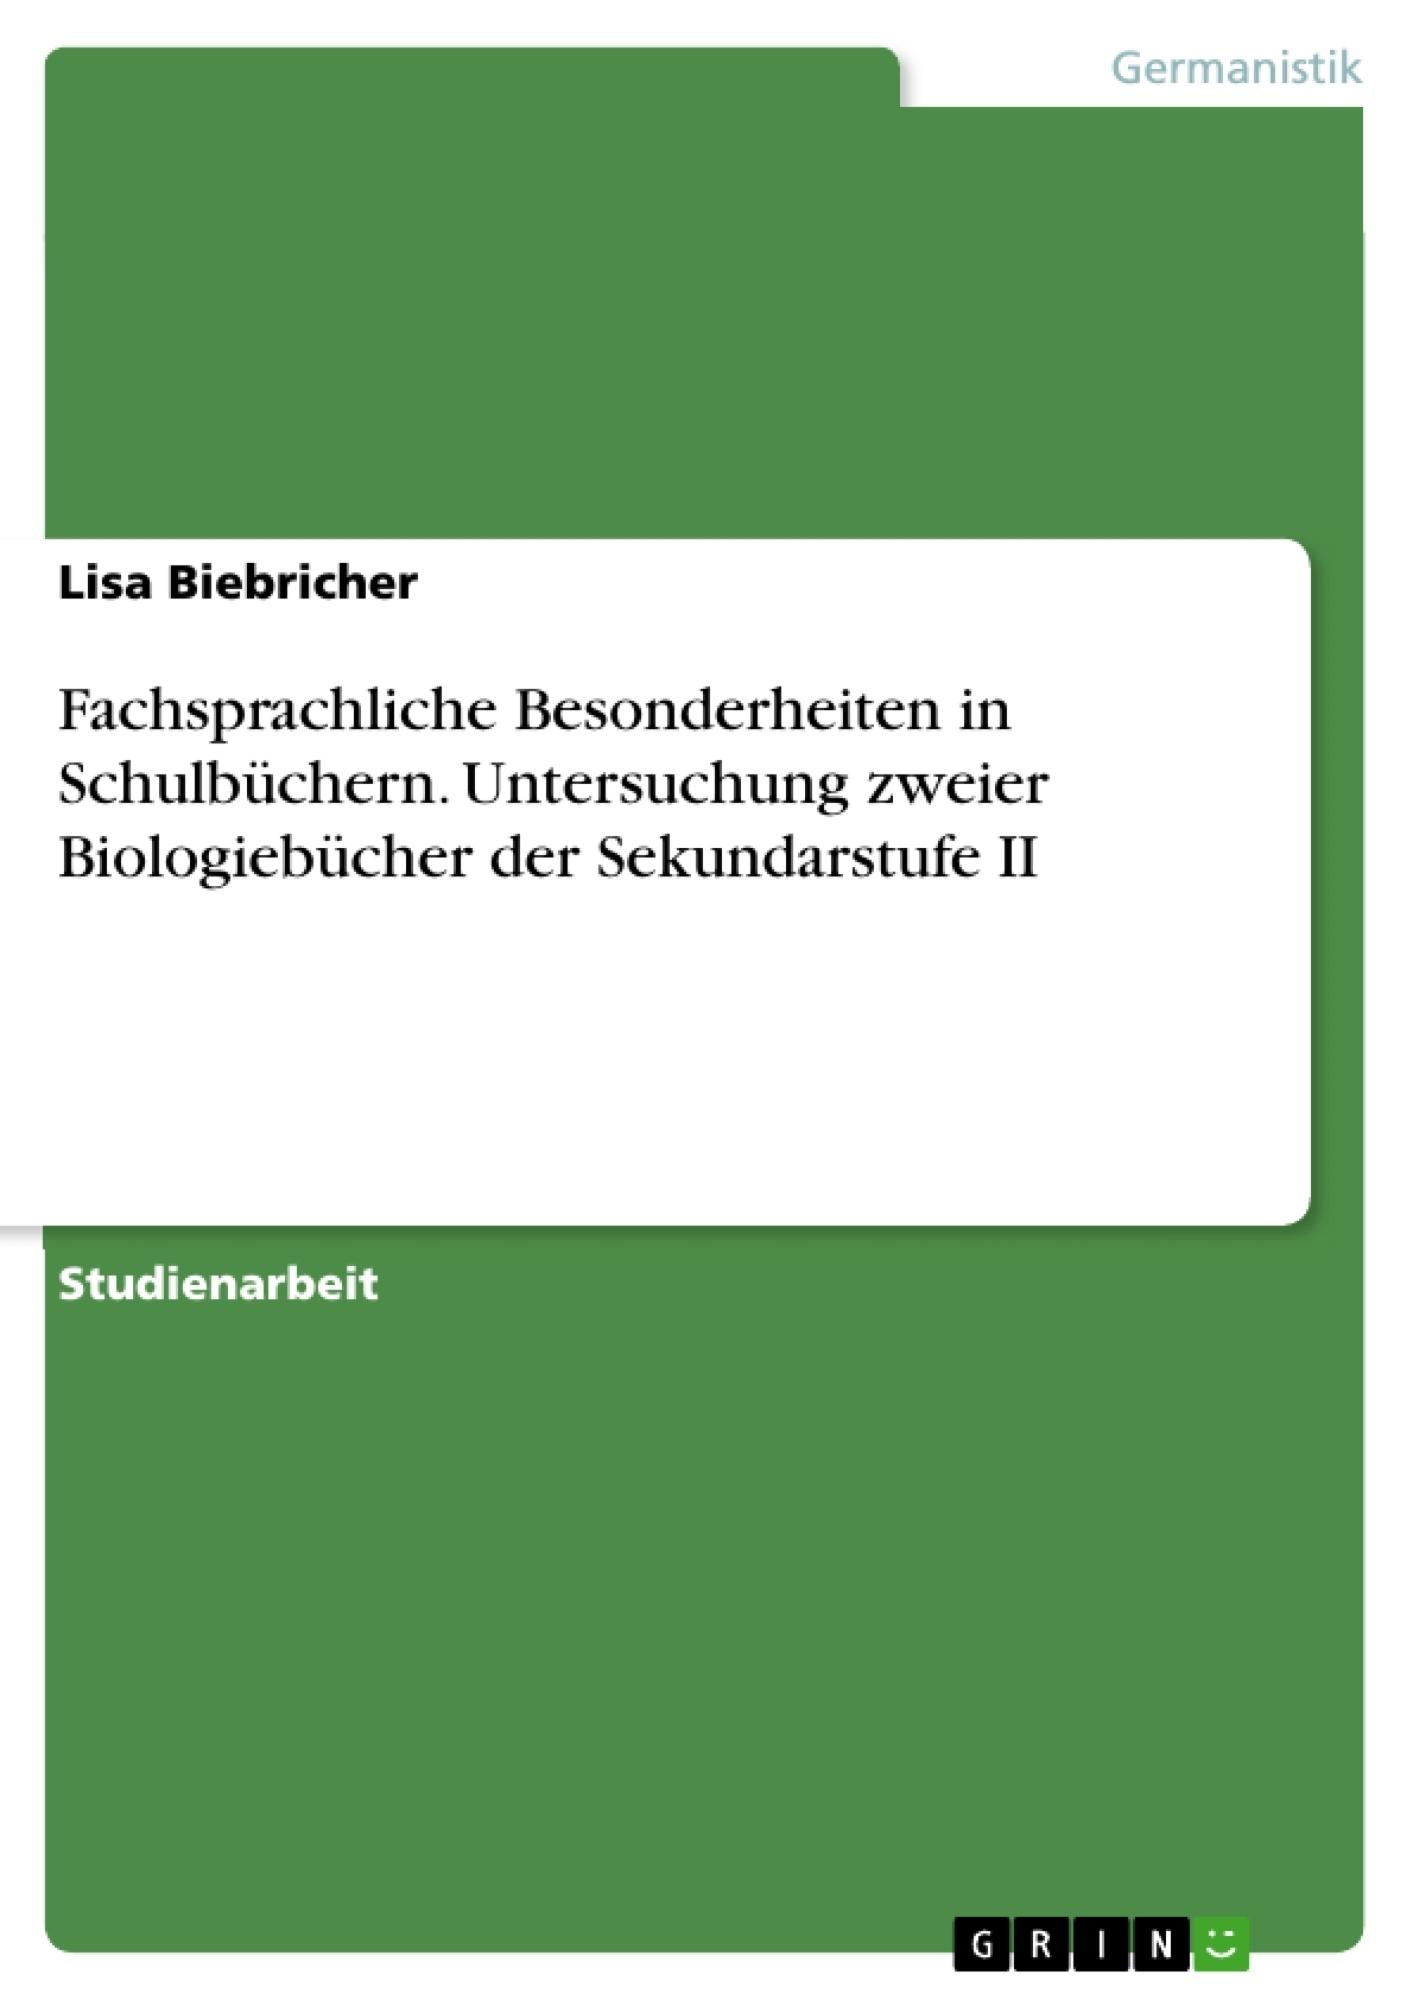 Titel: Fachsprachliche Besonderheiten in Schulbüchern. Untersuchung zweier Biologiebücher der Sekundarstufe II